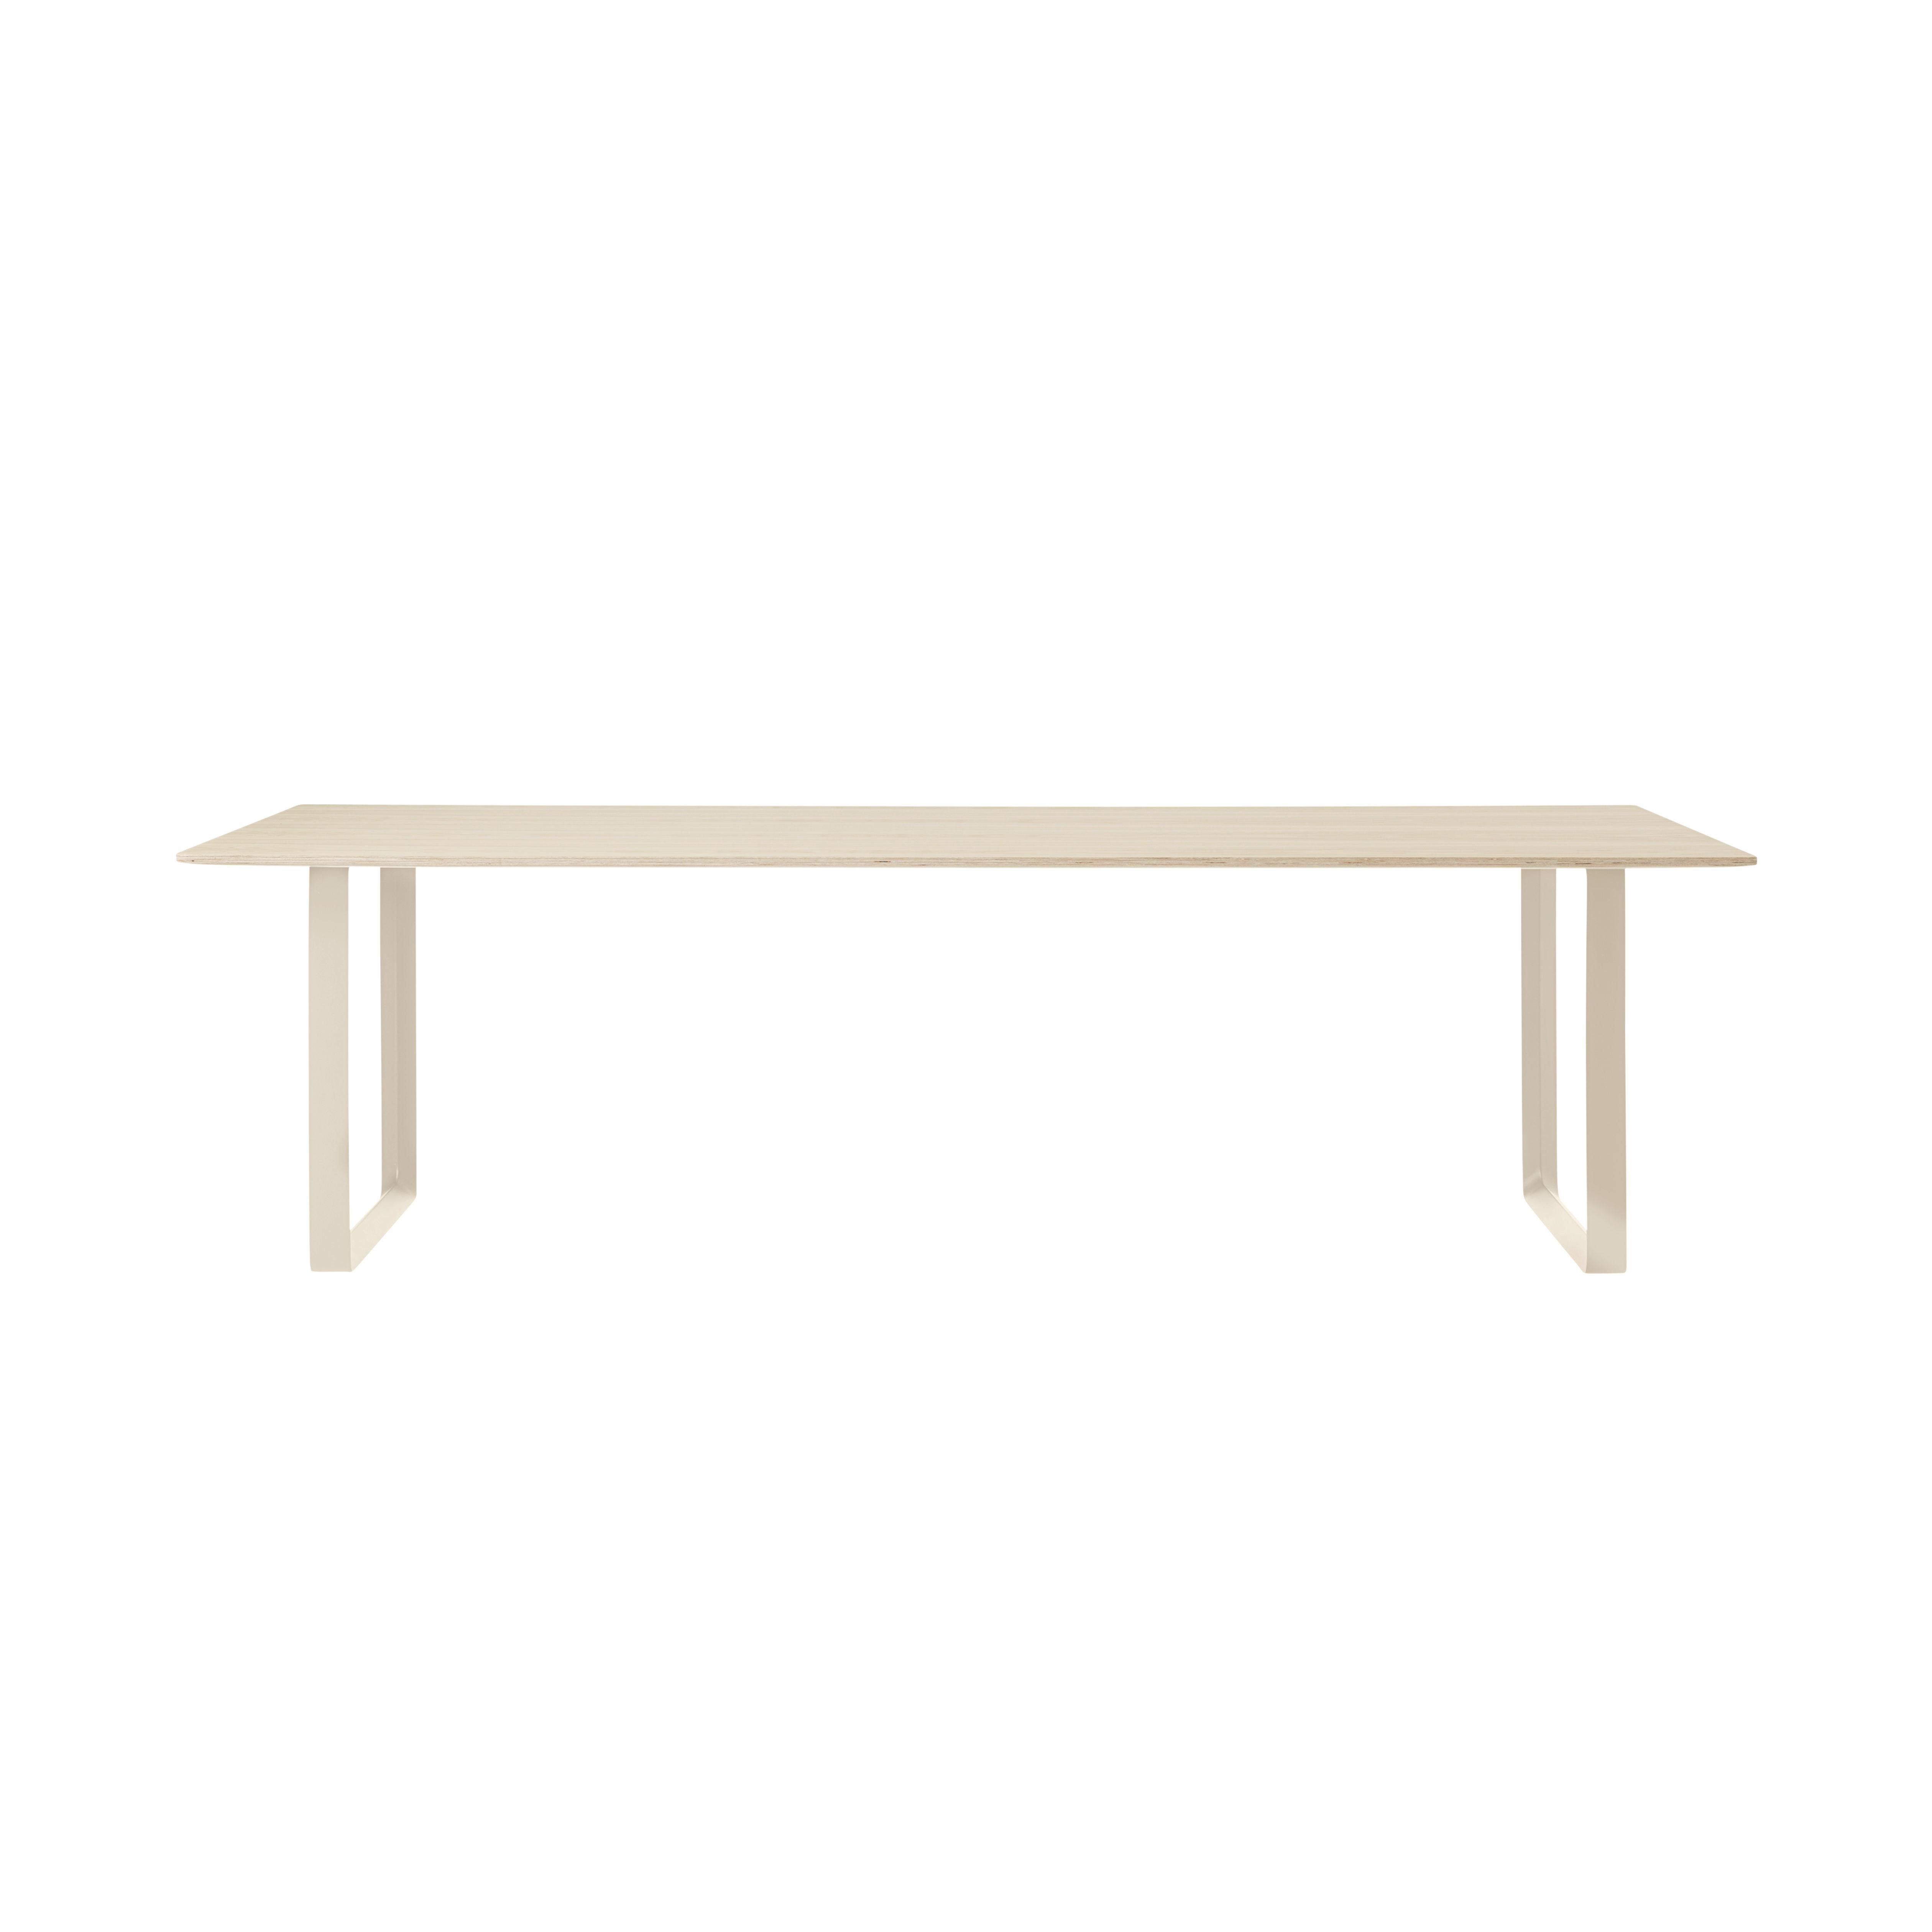 Table rectangulaire 70-70 XL / 255 x 108 cm - Chêne massif - Muuto bois naturel en bois